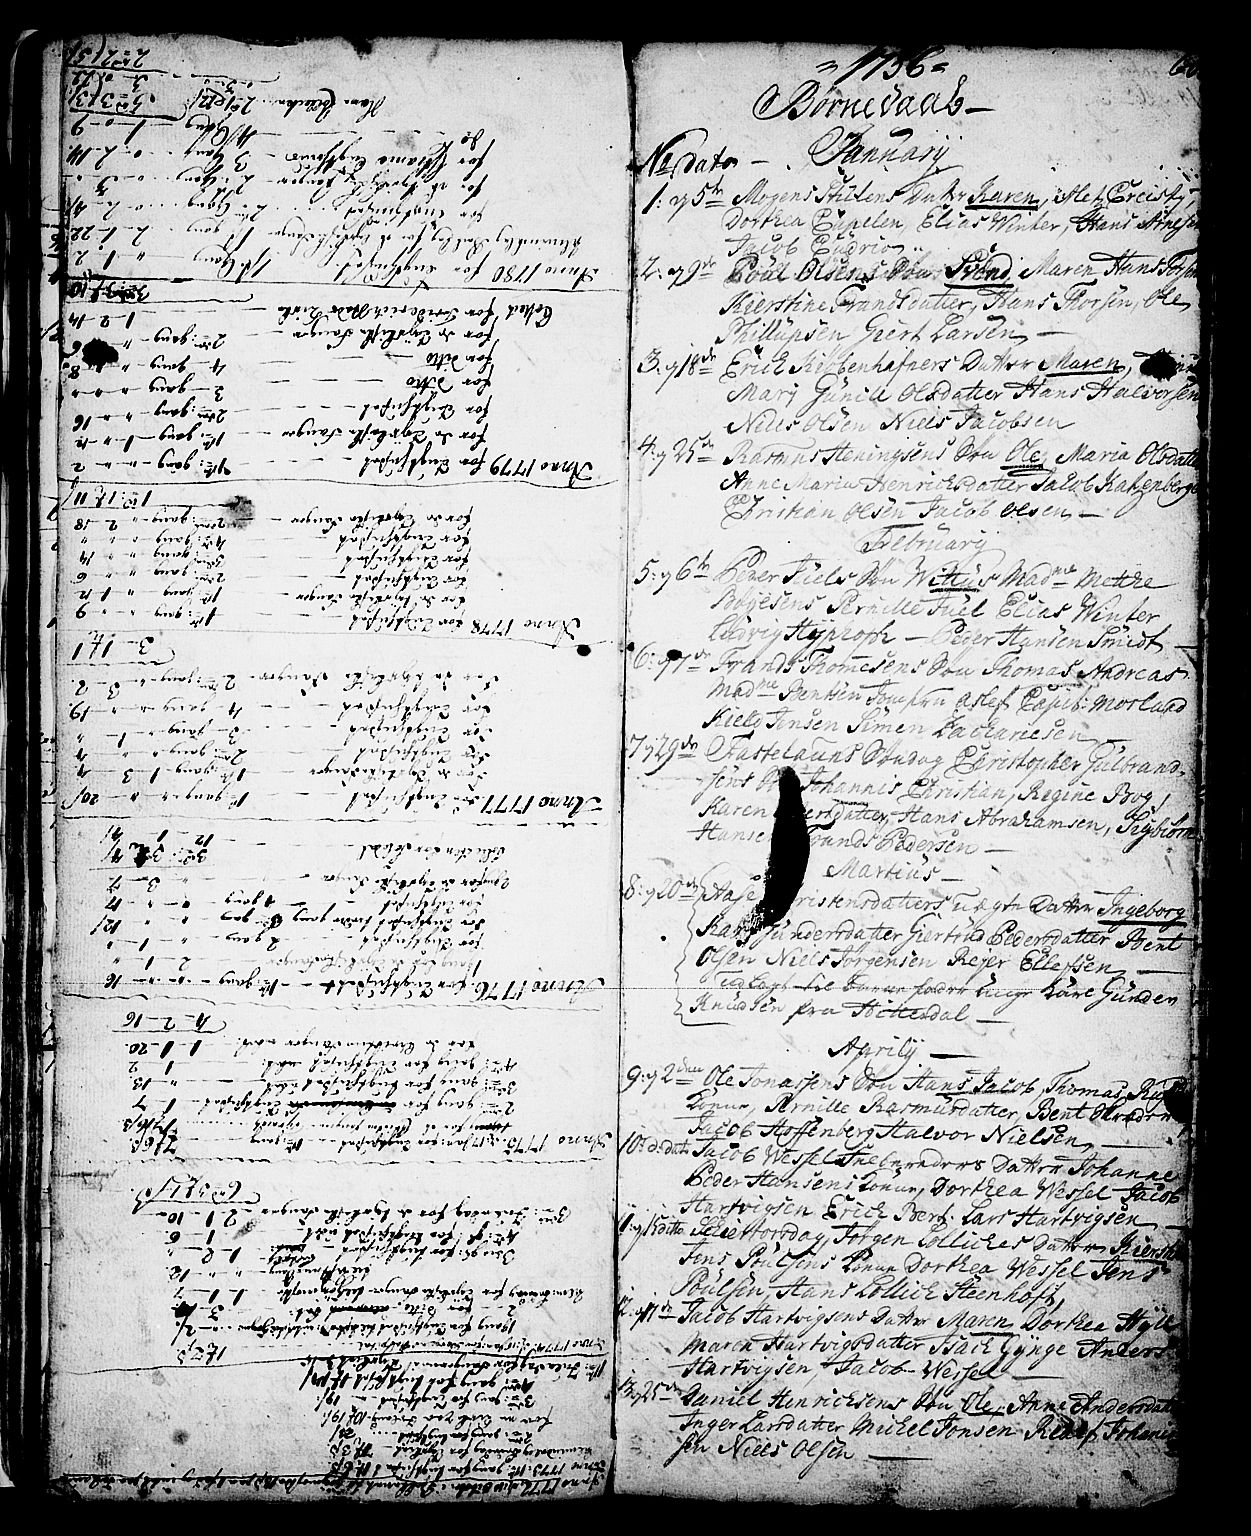 SAKO, Skien kirkebøker, G/Ga/L0001: Klokkerbok nr. 1, 1756-1791, s. 60